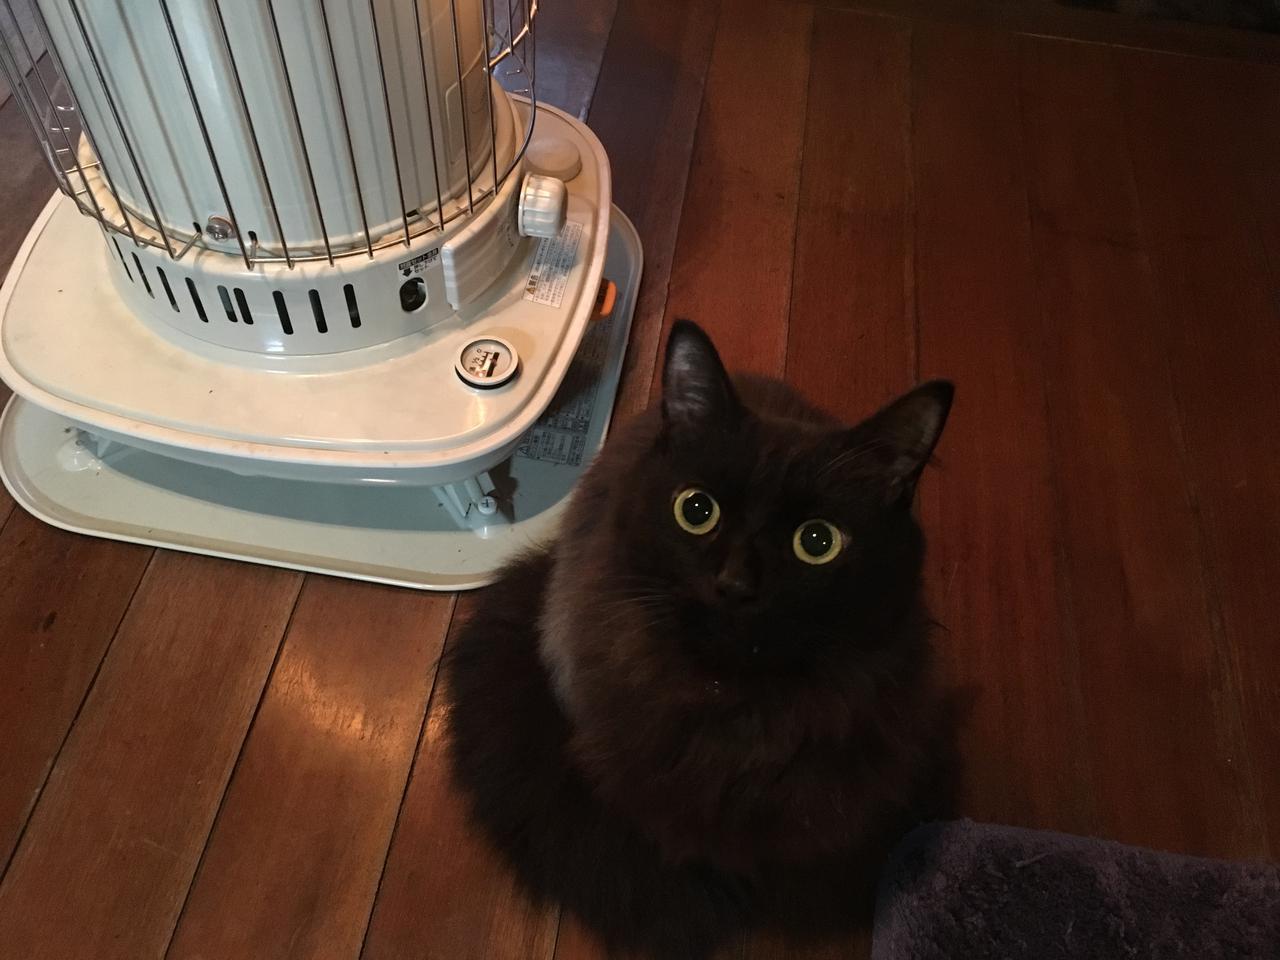 画像3: 【カセットボンベストーブ】コンパクトでコスパが良い暖房器具 冬キャンプで活躍!